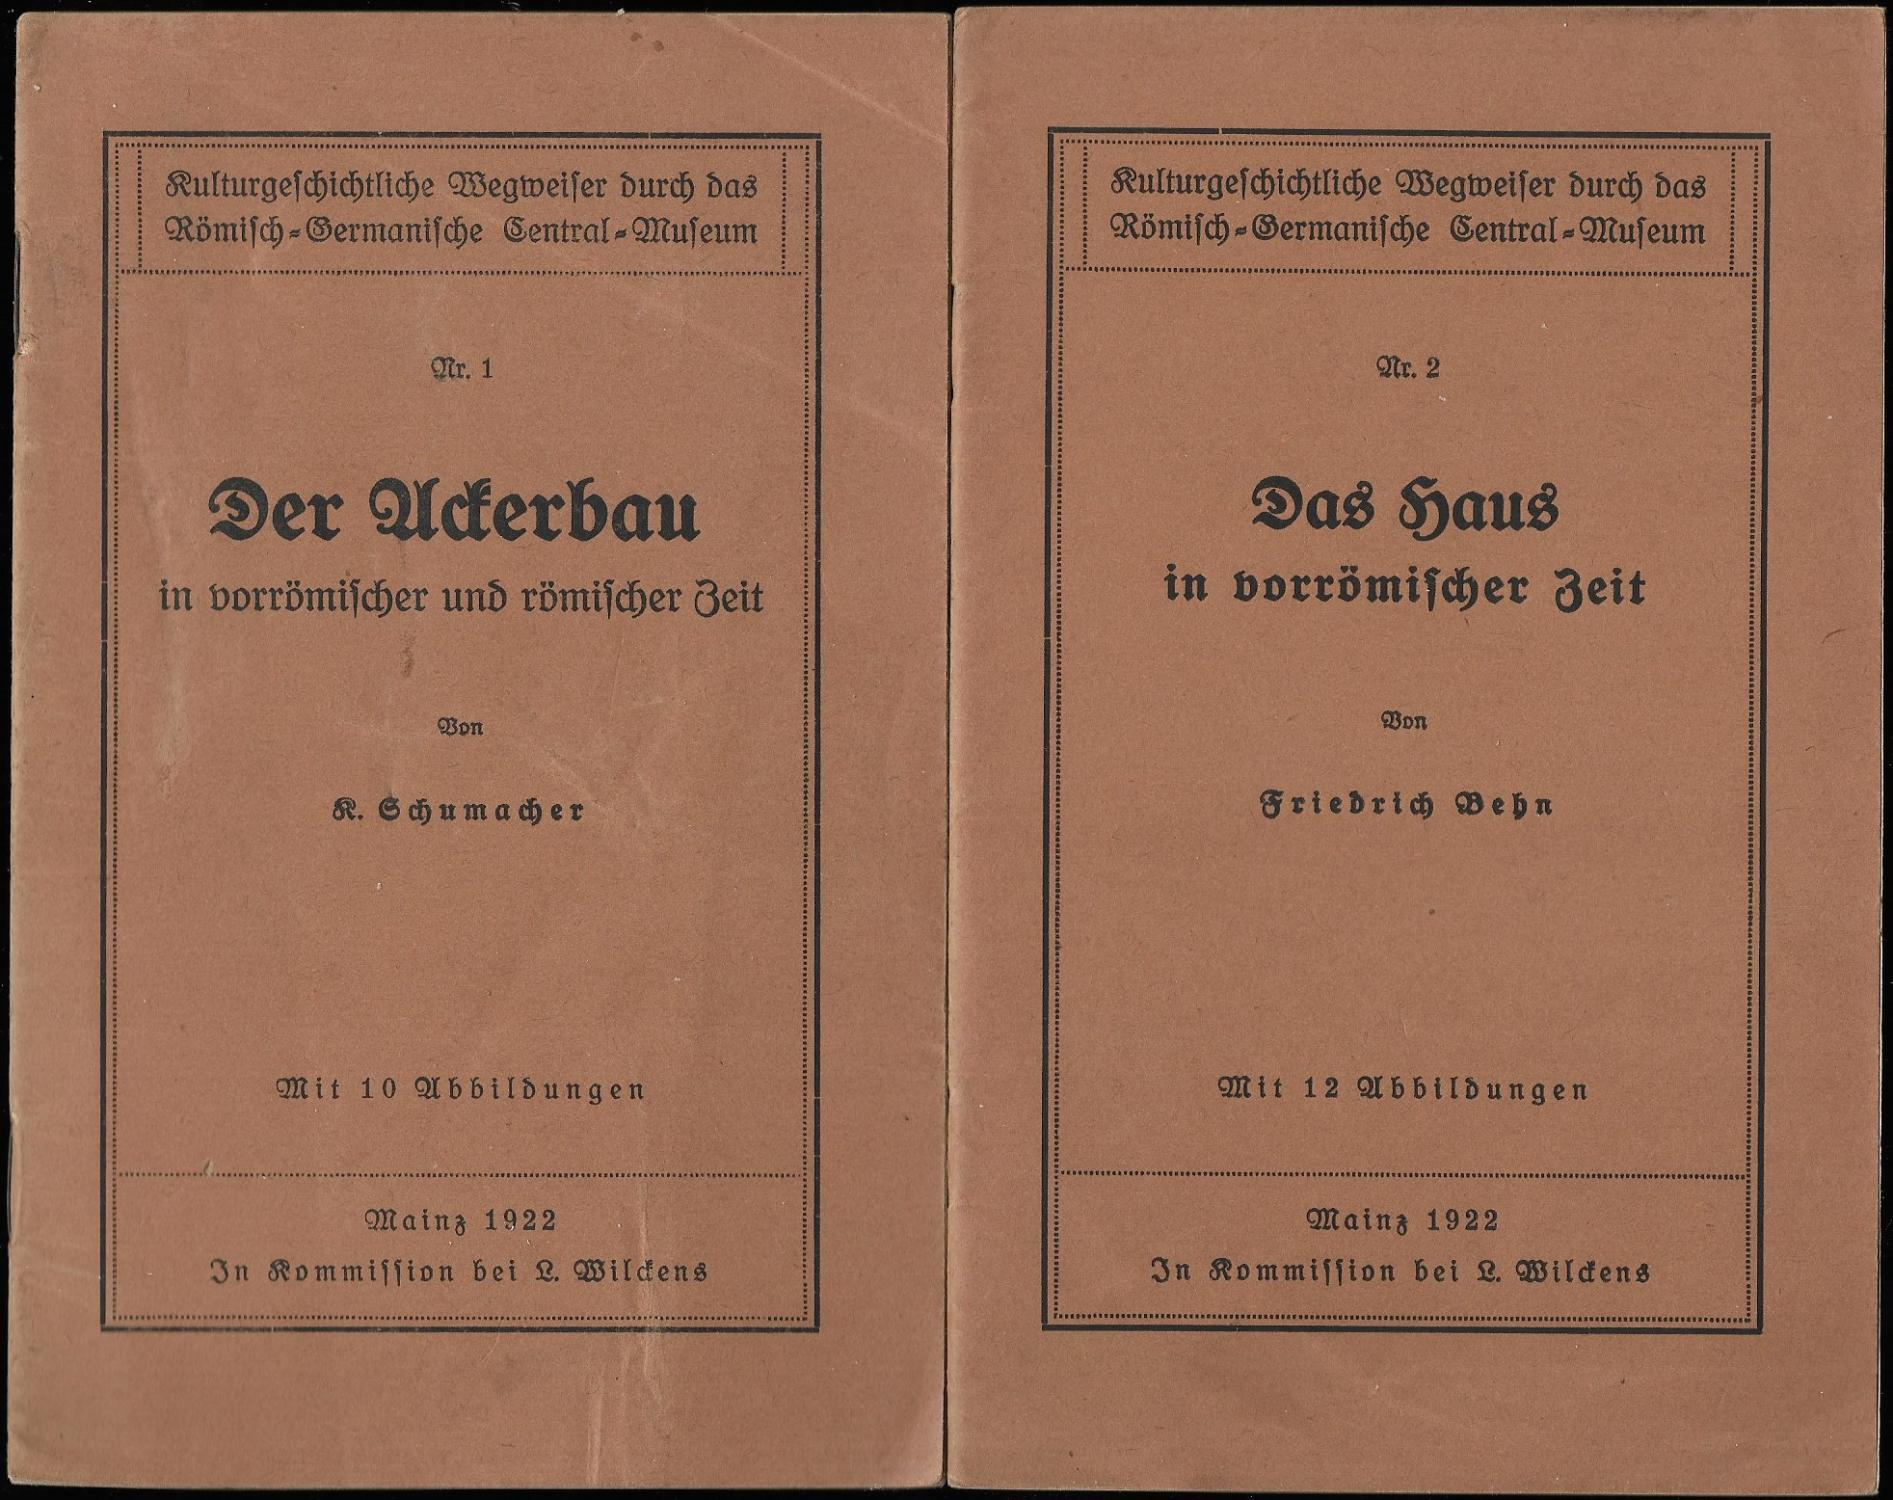 KULTURGESCHICHTLICHE WEGWEISER DURCH DAS RÖMISCH-GERMANISCHE CENTRAL-MUSEUM. [Konvolut: KULTURGESCHICHTLICHE WEGWEISER DURCH